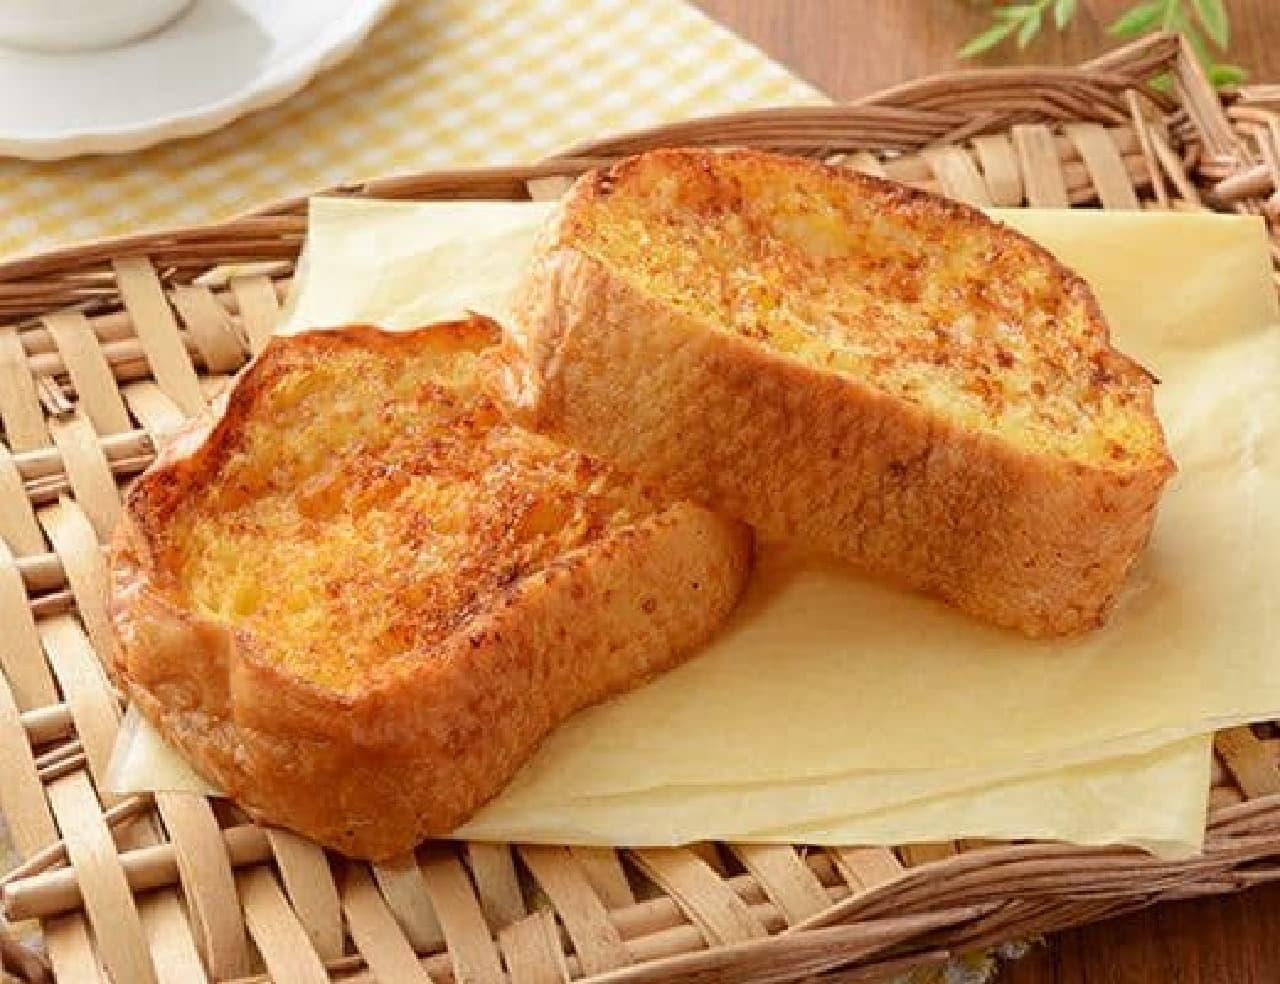 ローソン「マチノパン フランスパンのしみしみフレンチトースト 2個入」